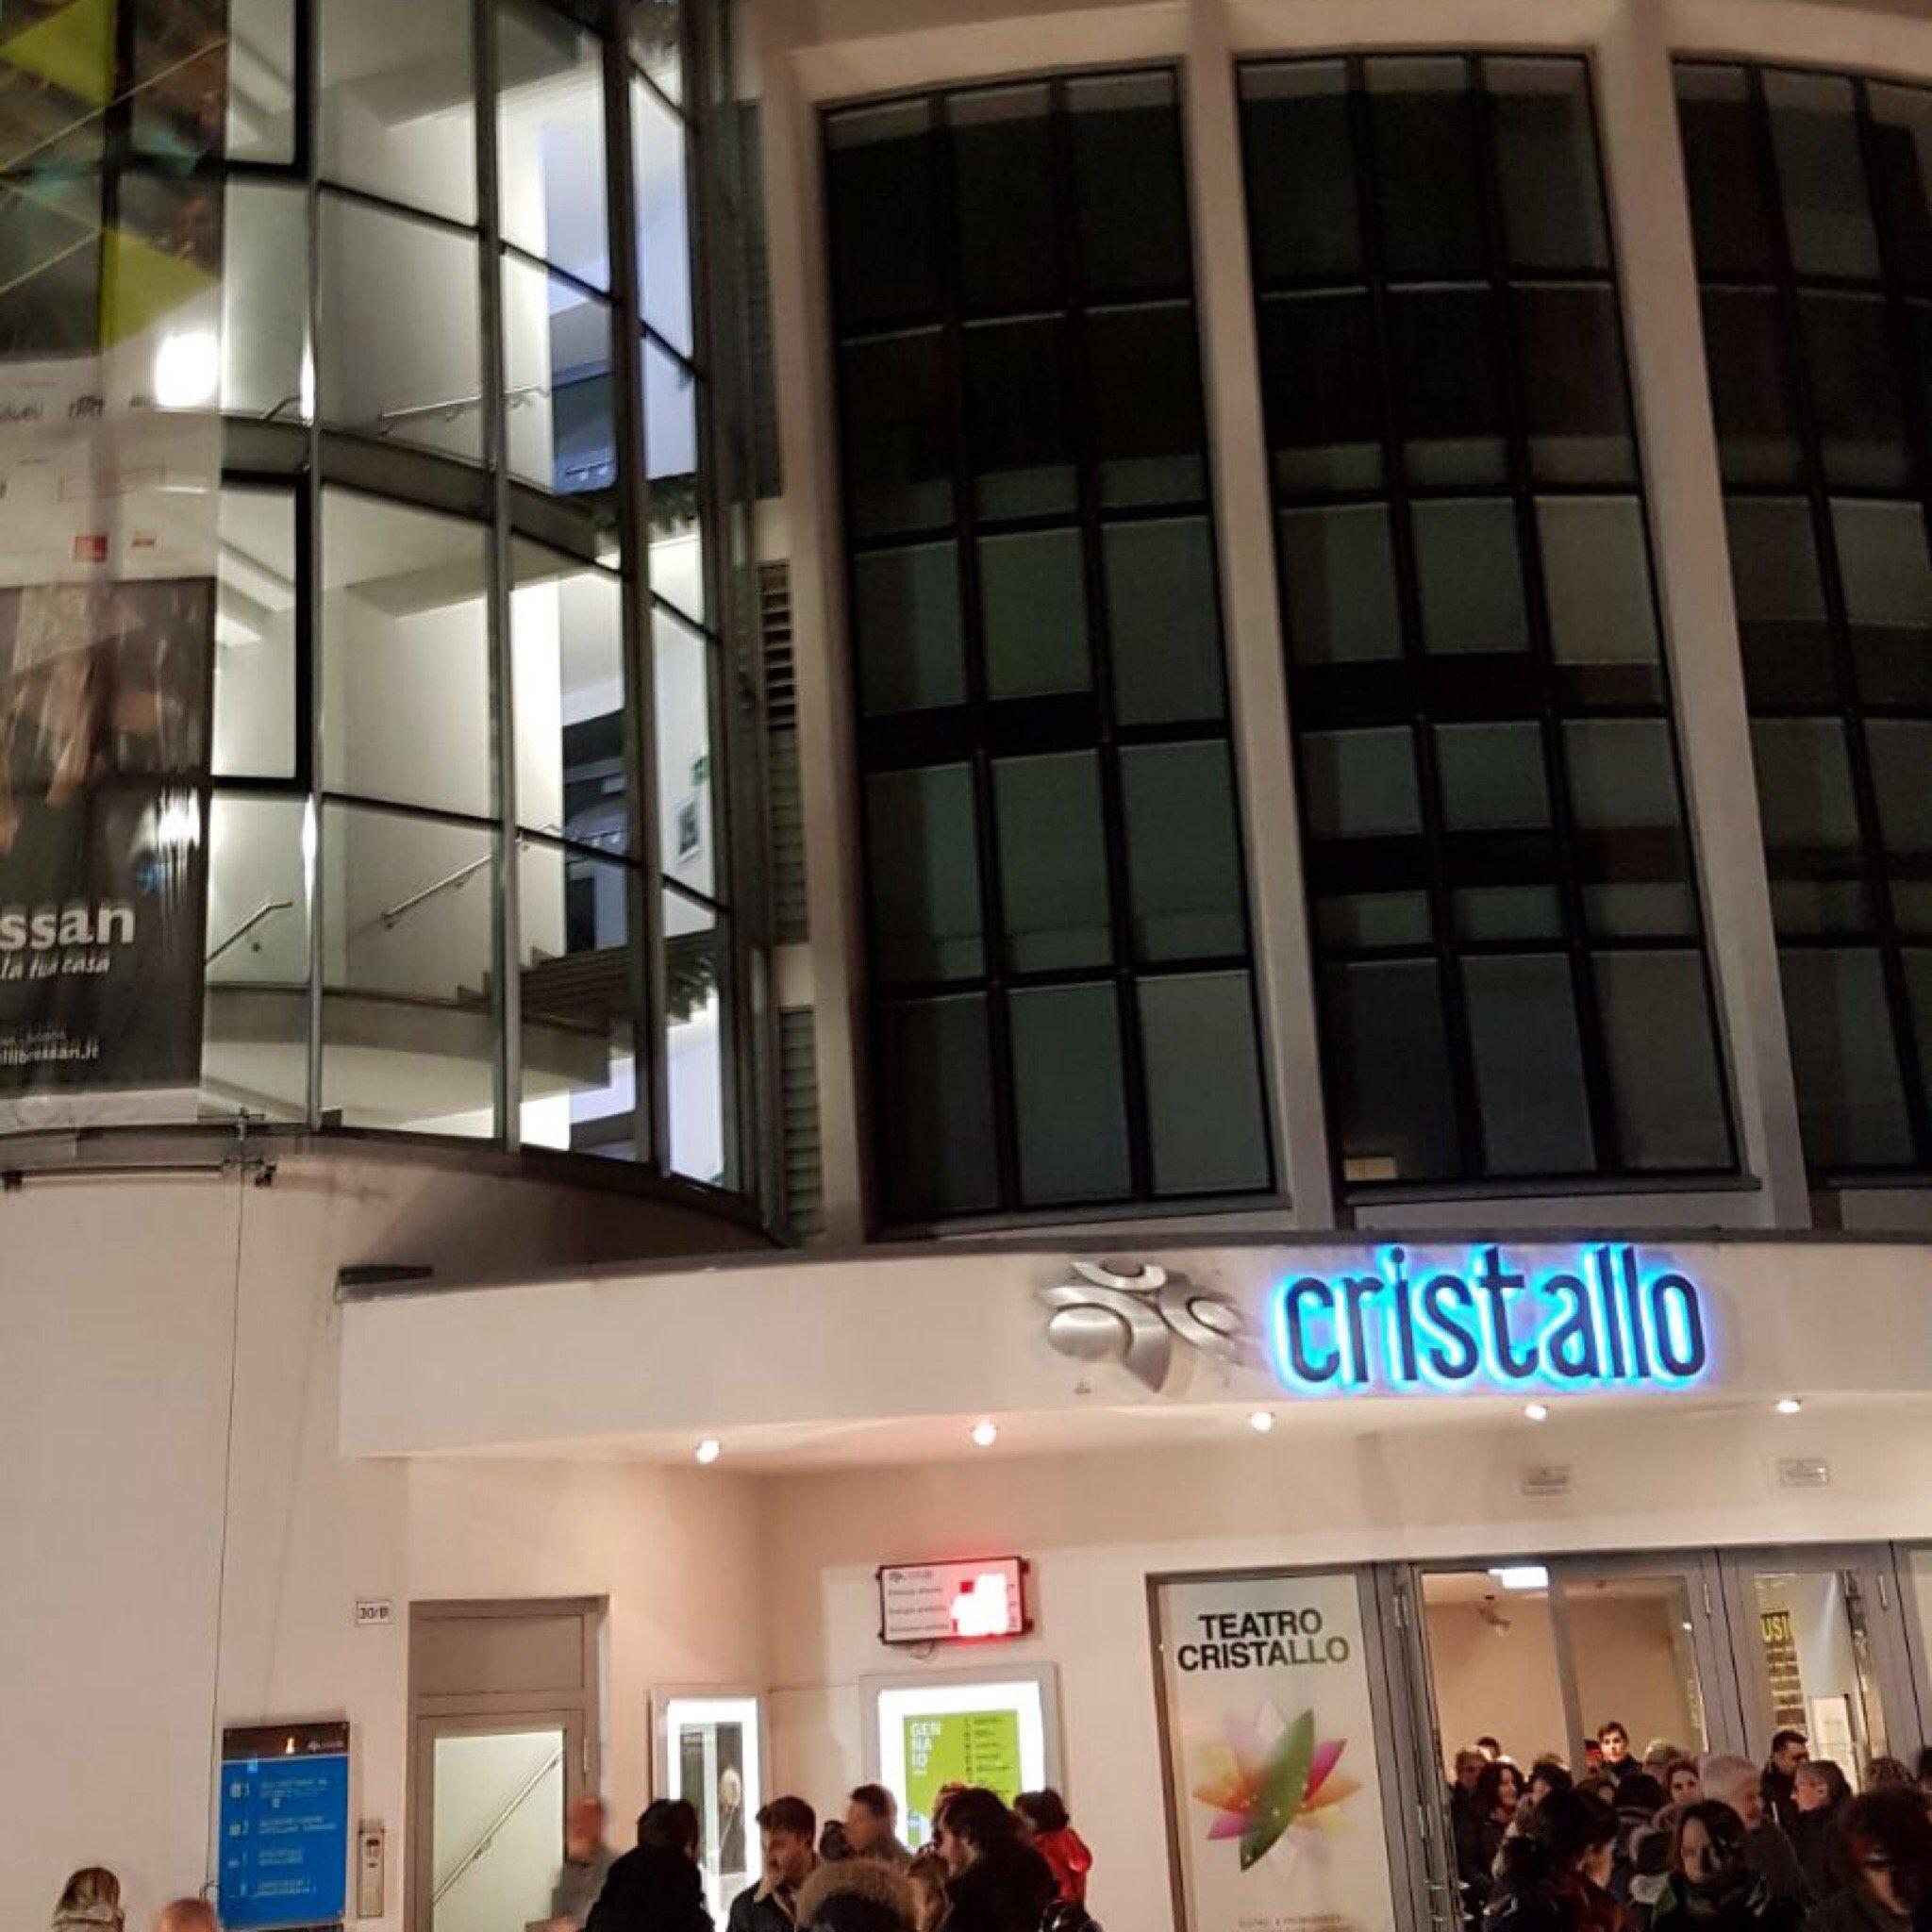 Teatro Cristallo